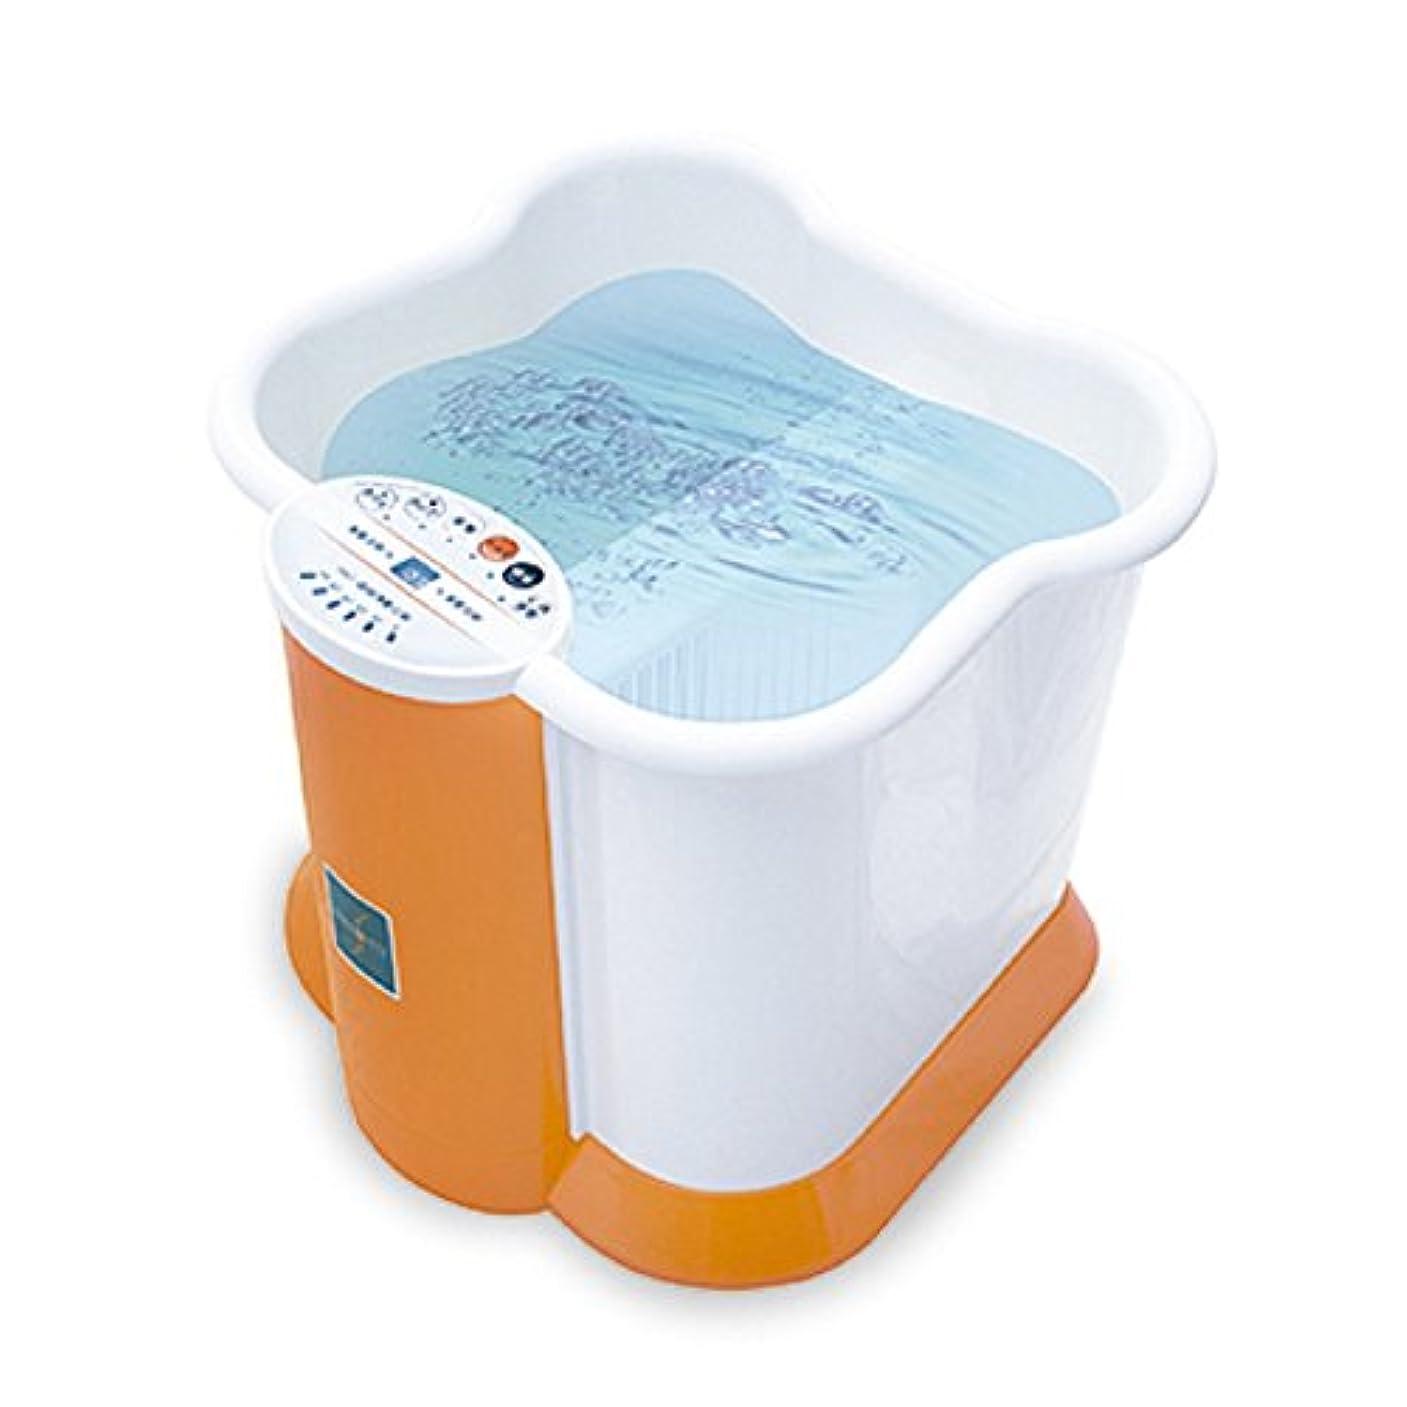 風味小石覗く深型 足湯 フットバス Ashiyu foot Spa KS-N1010 保温 バブル